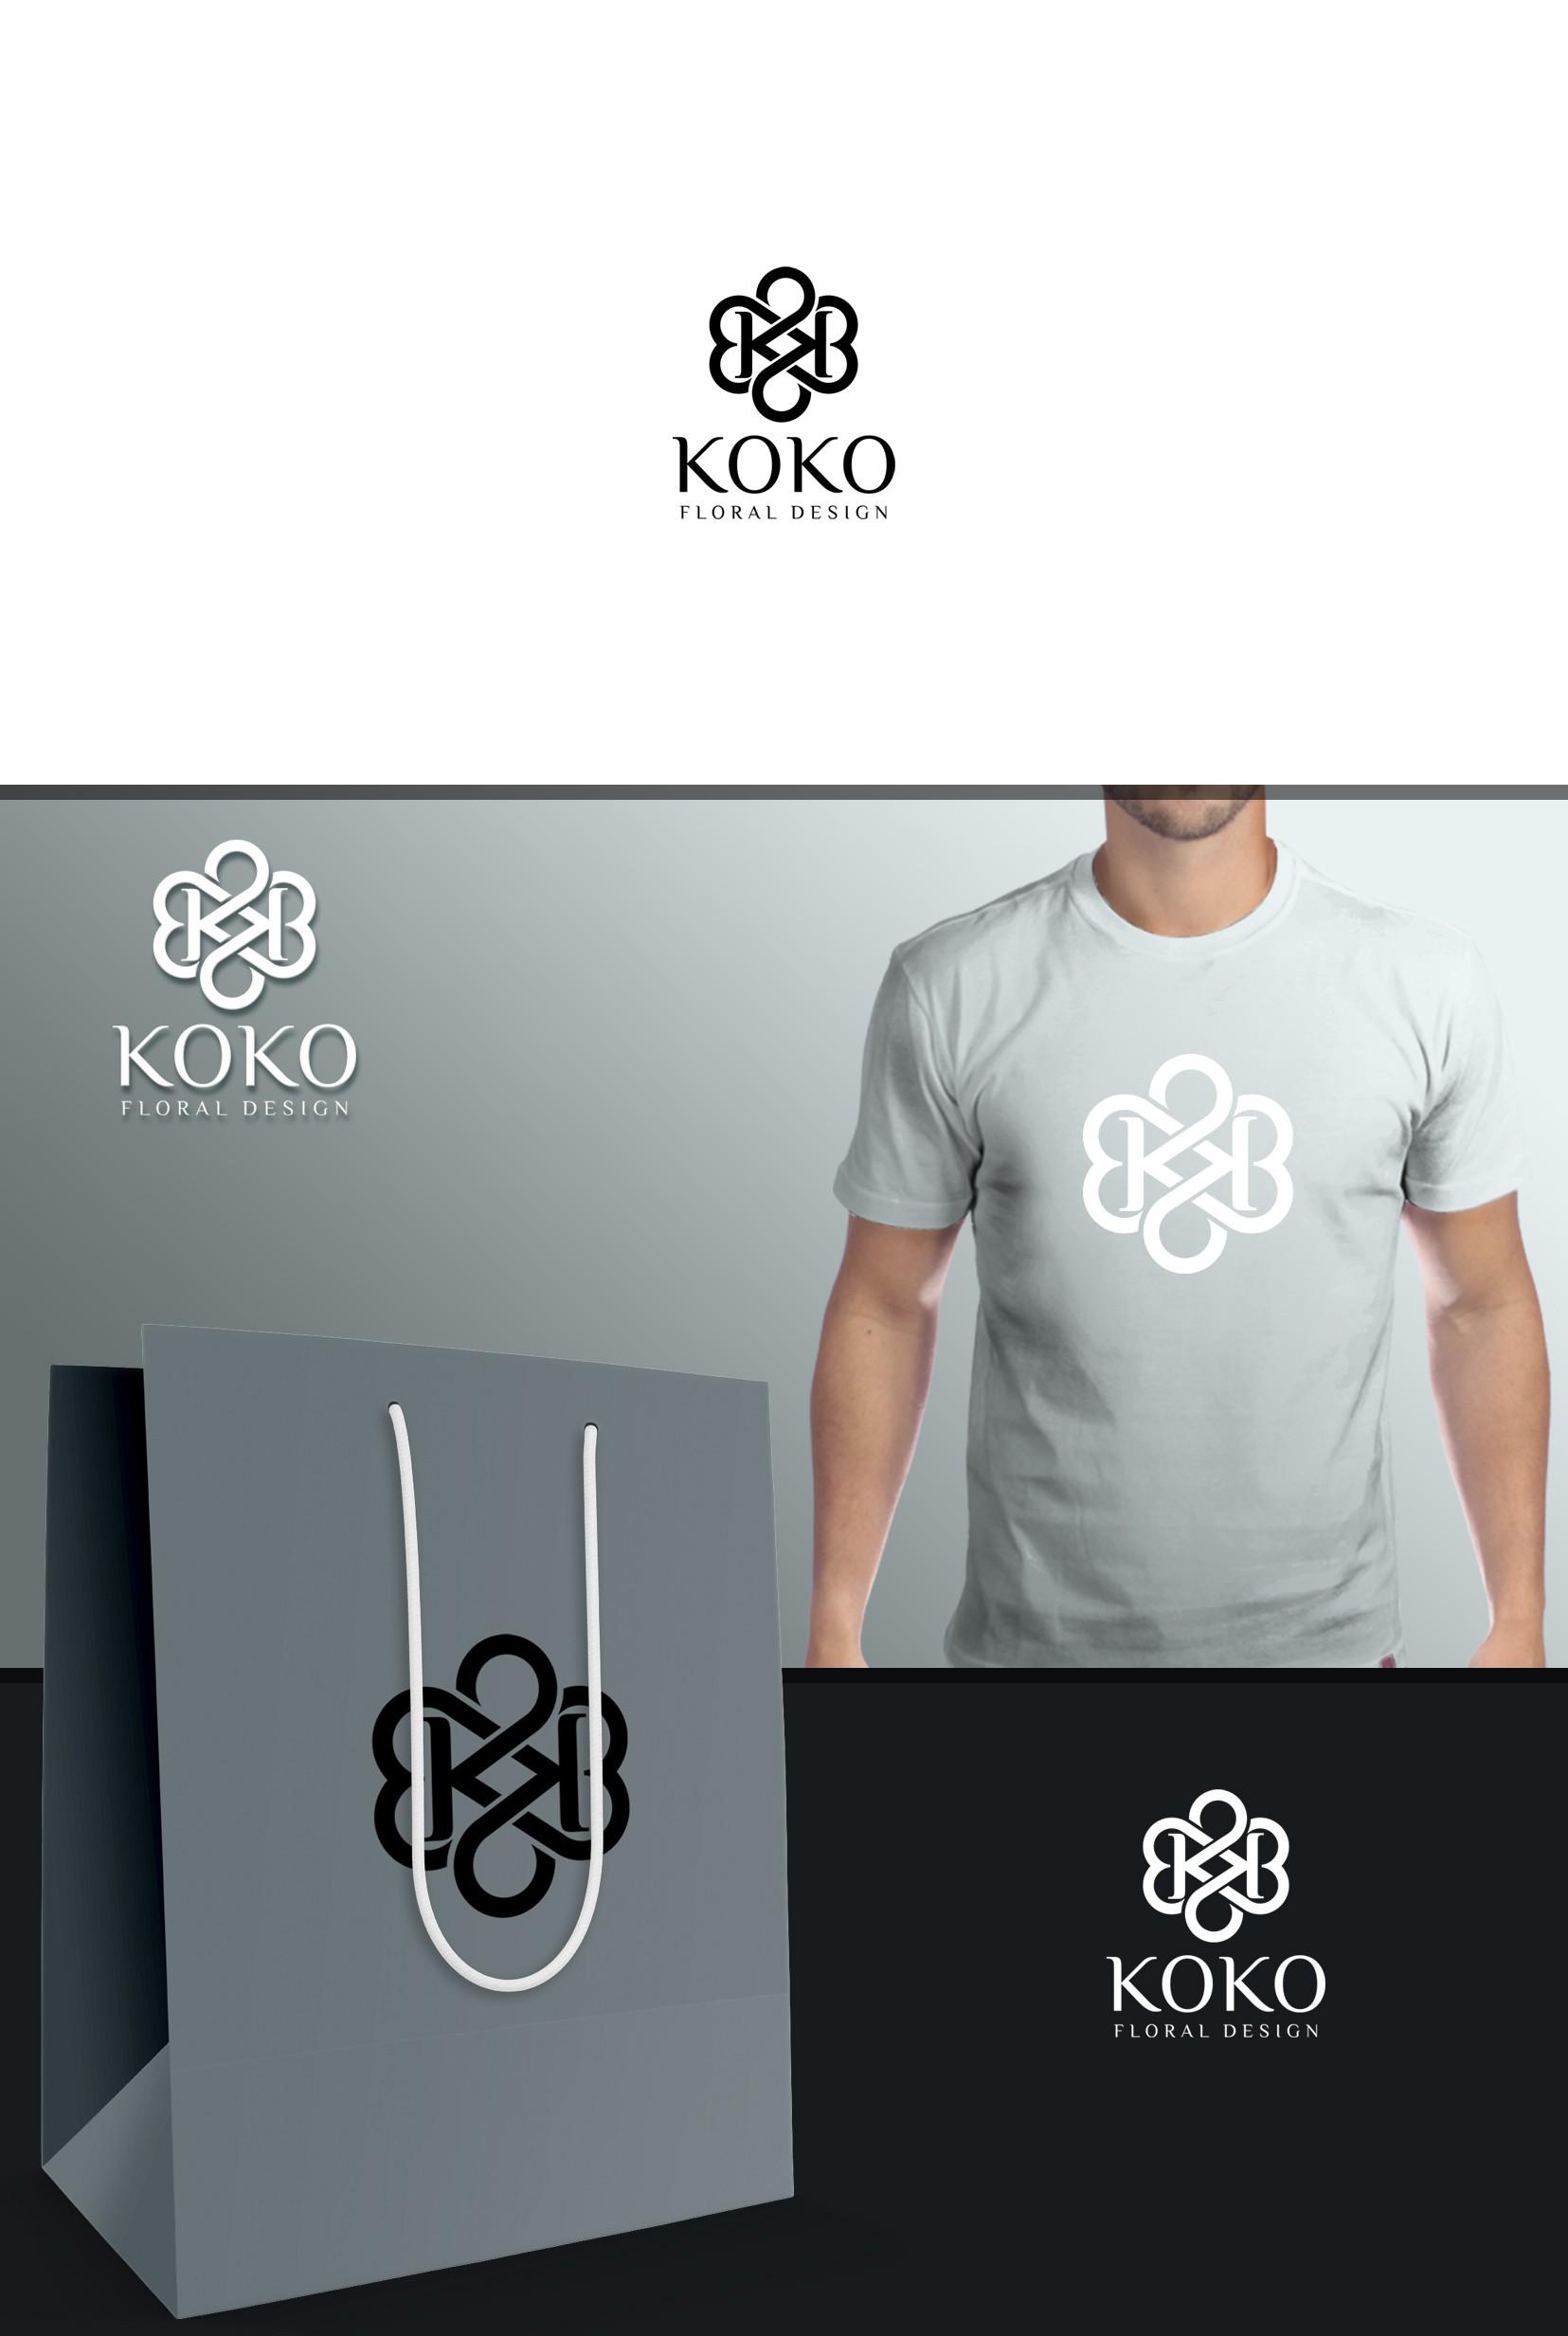 Modern Black and White Logo for floral designer (KOKO)